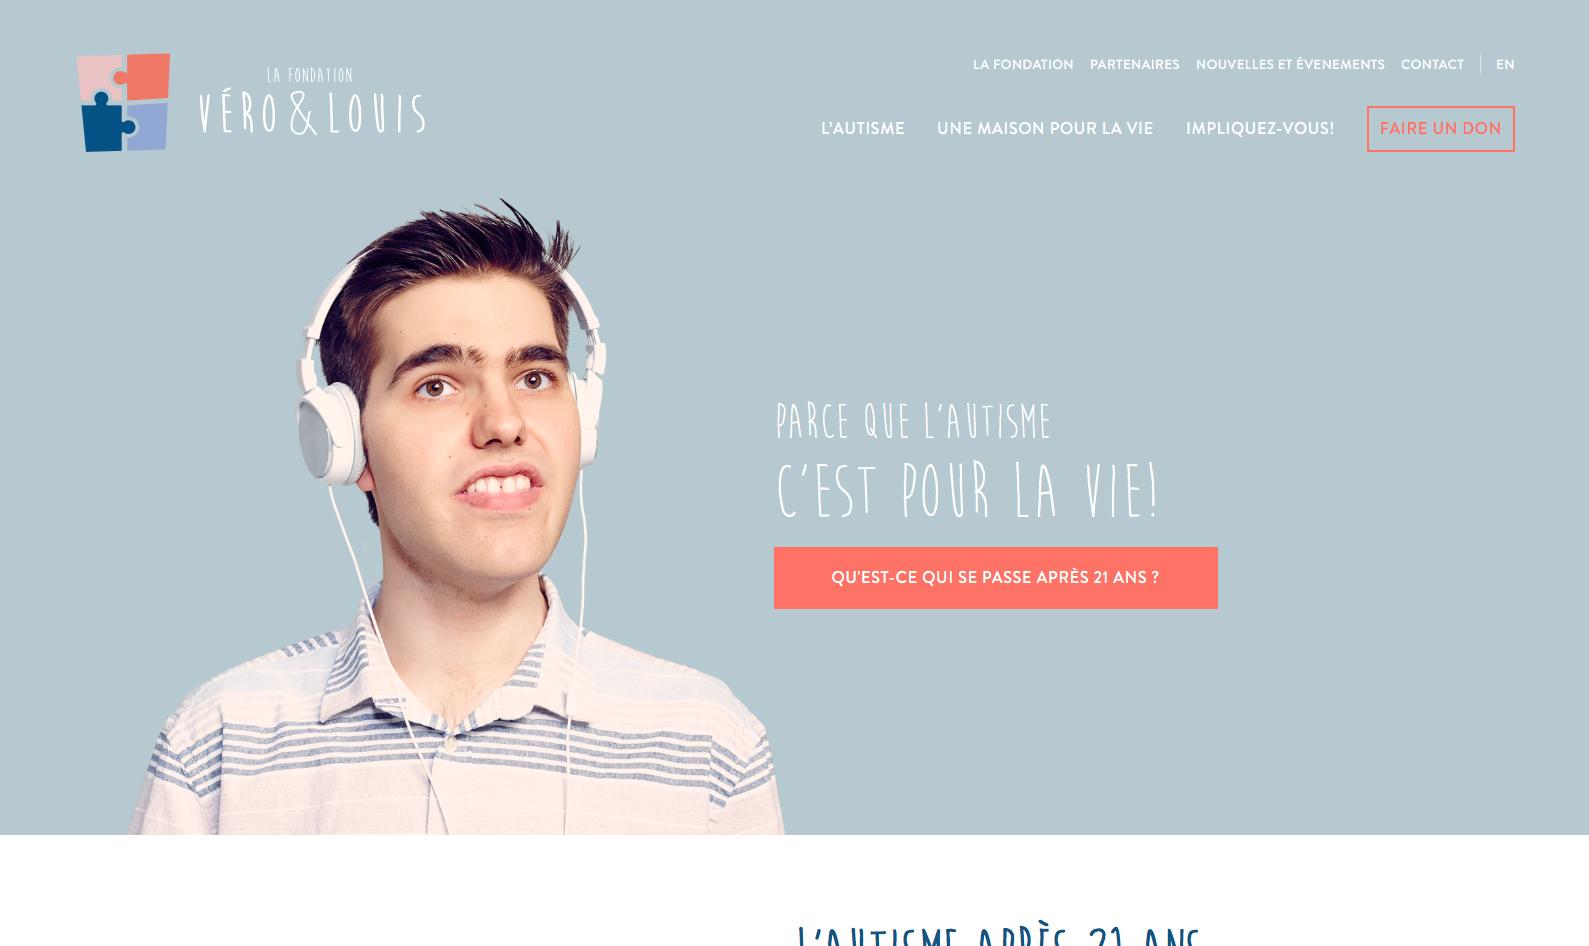 Vero-et-Louis-01.jpg